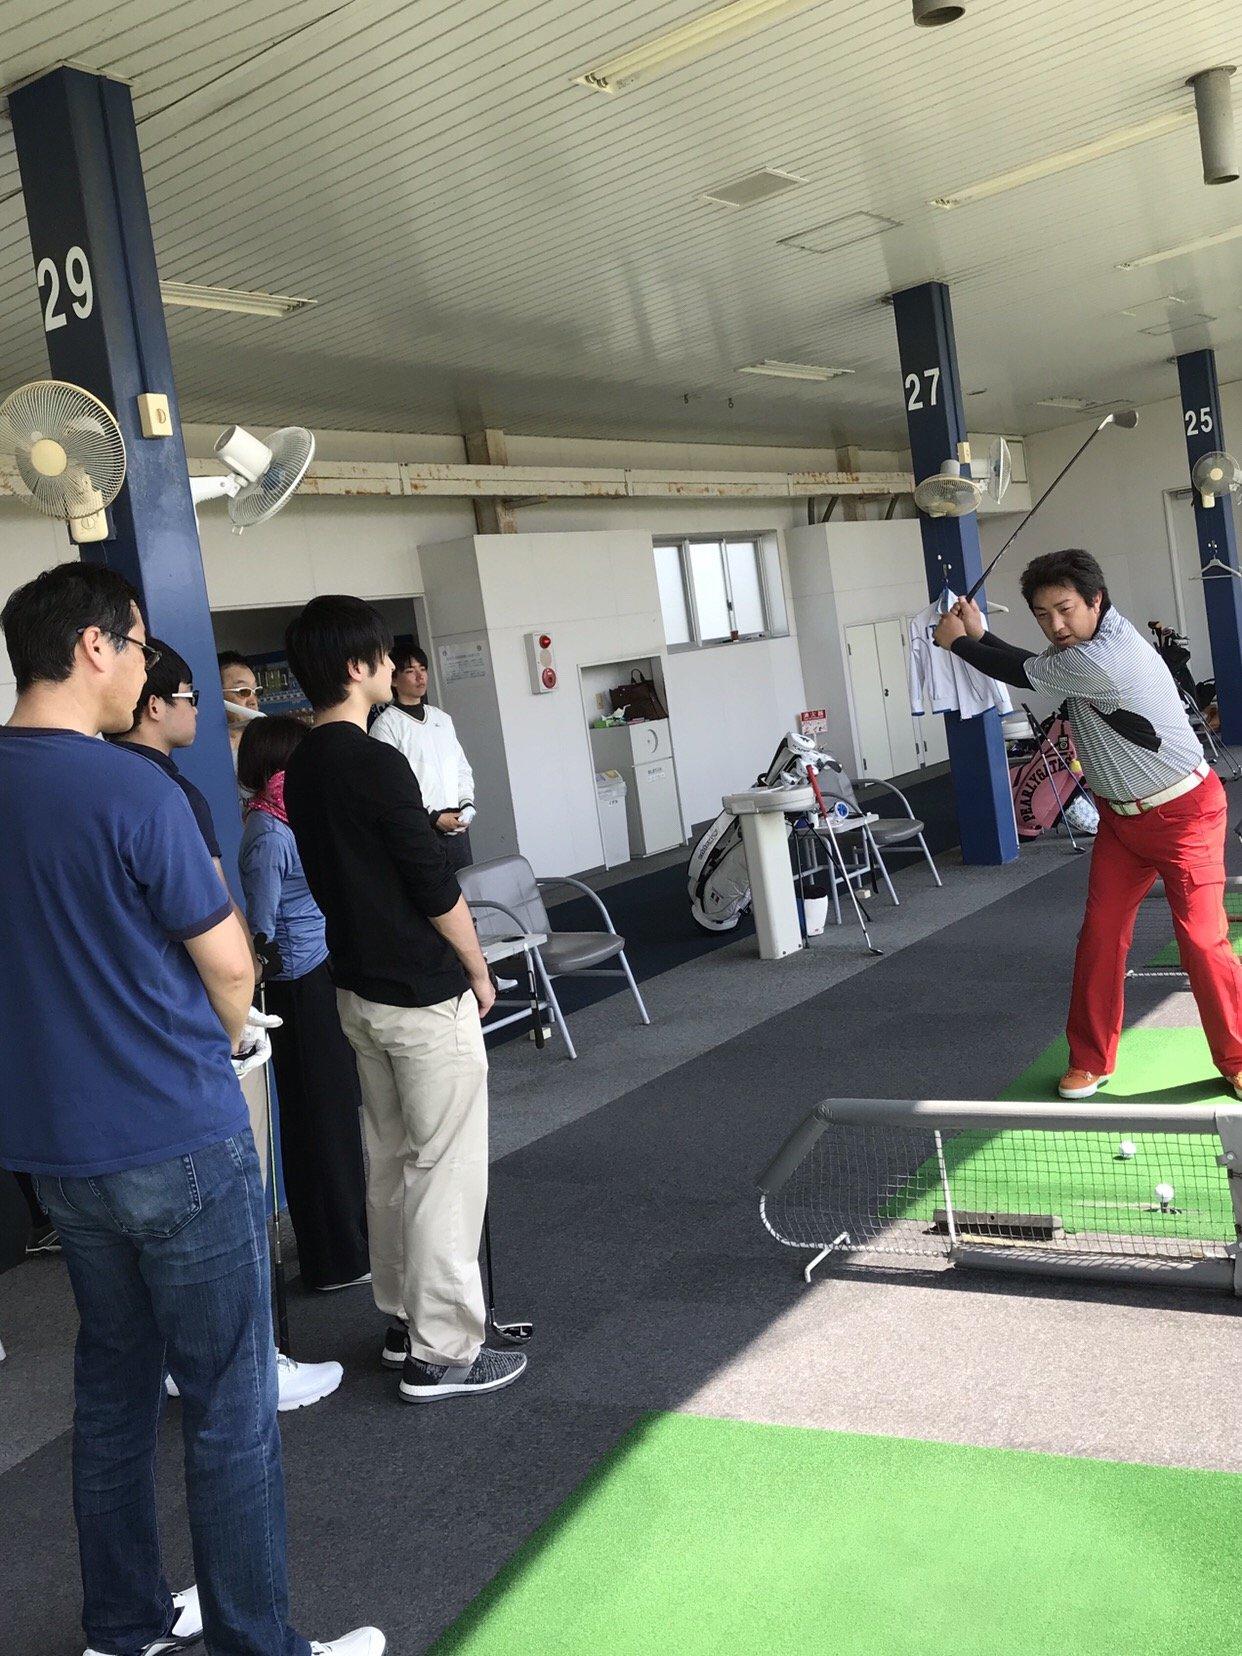 ティーチングスタッフゴルフスクールゴルフシティー校 1か月体験コース半額のイメージその2